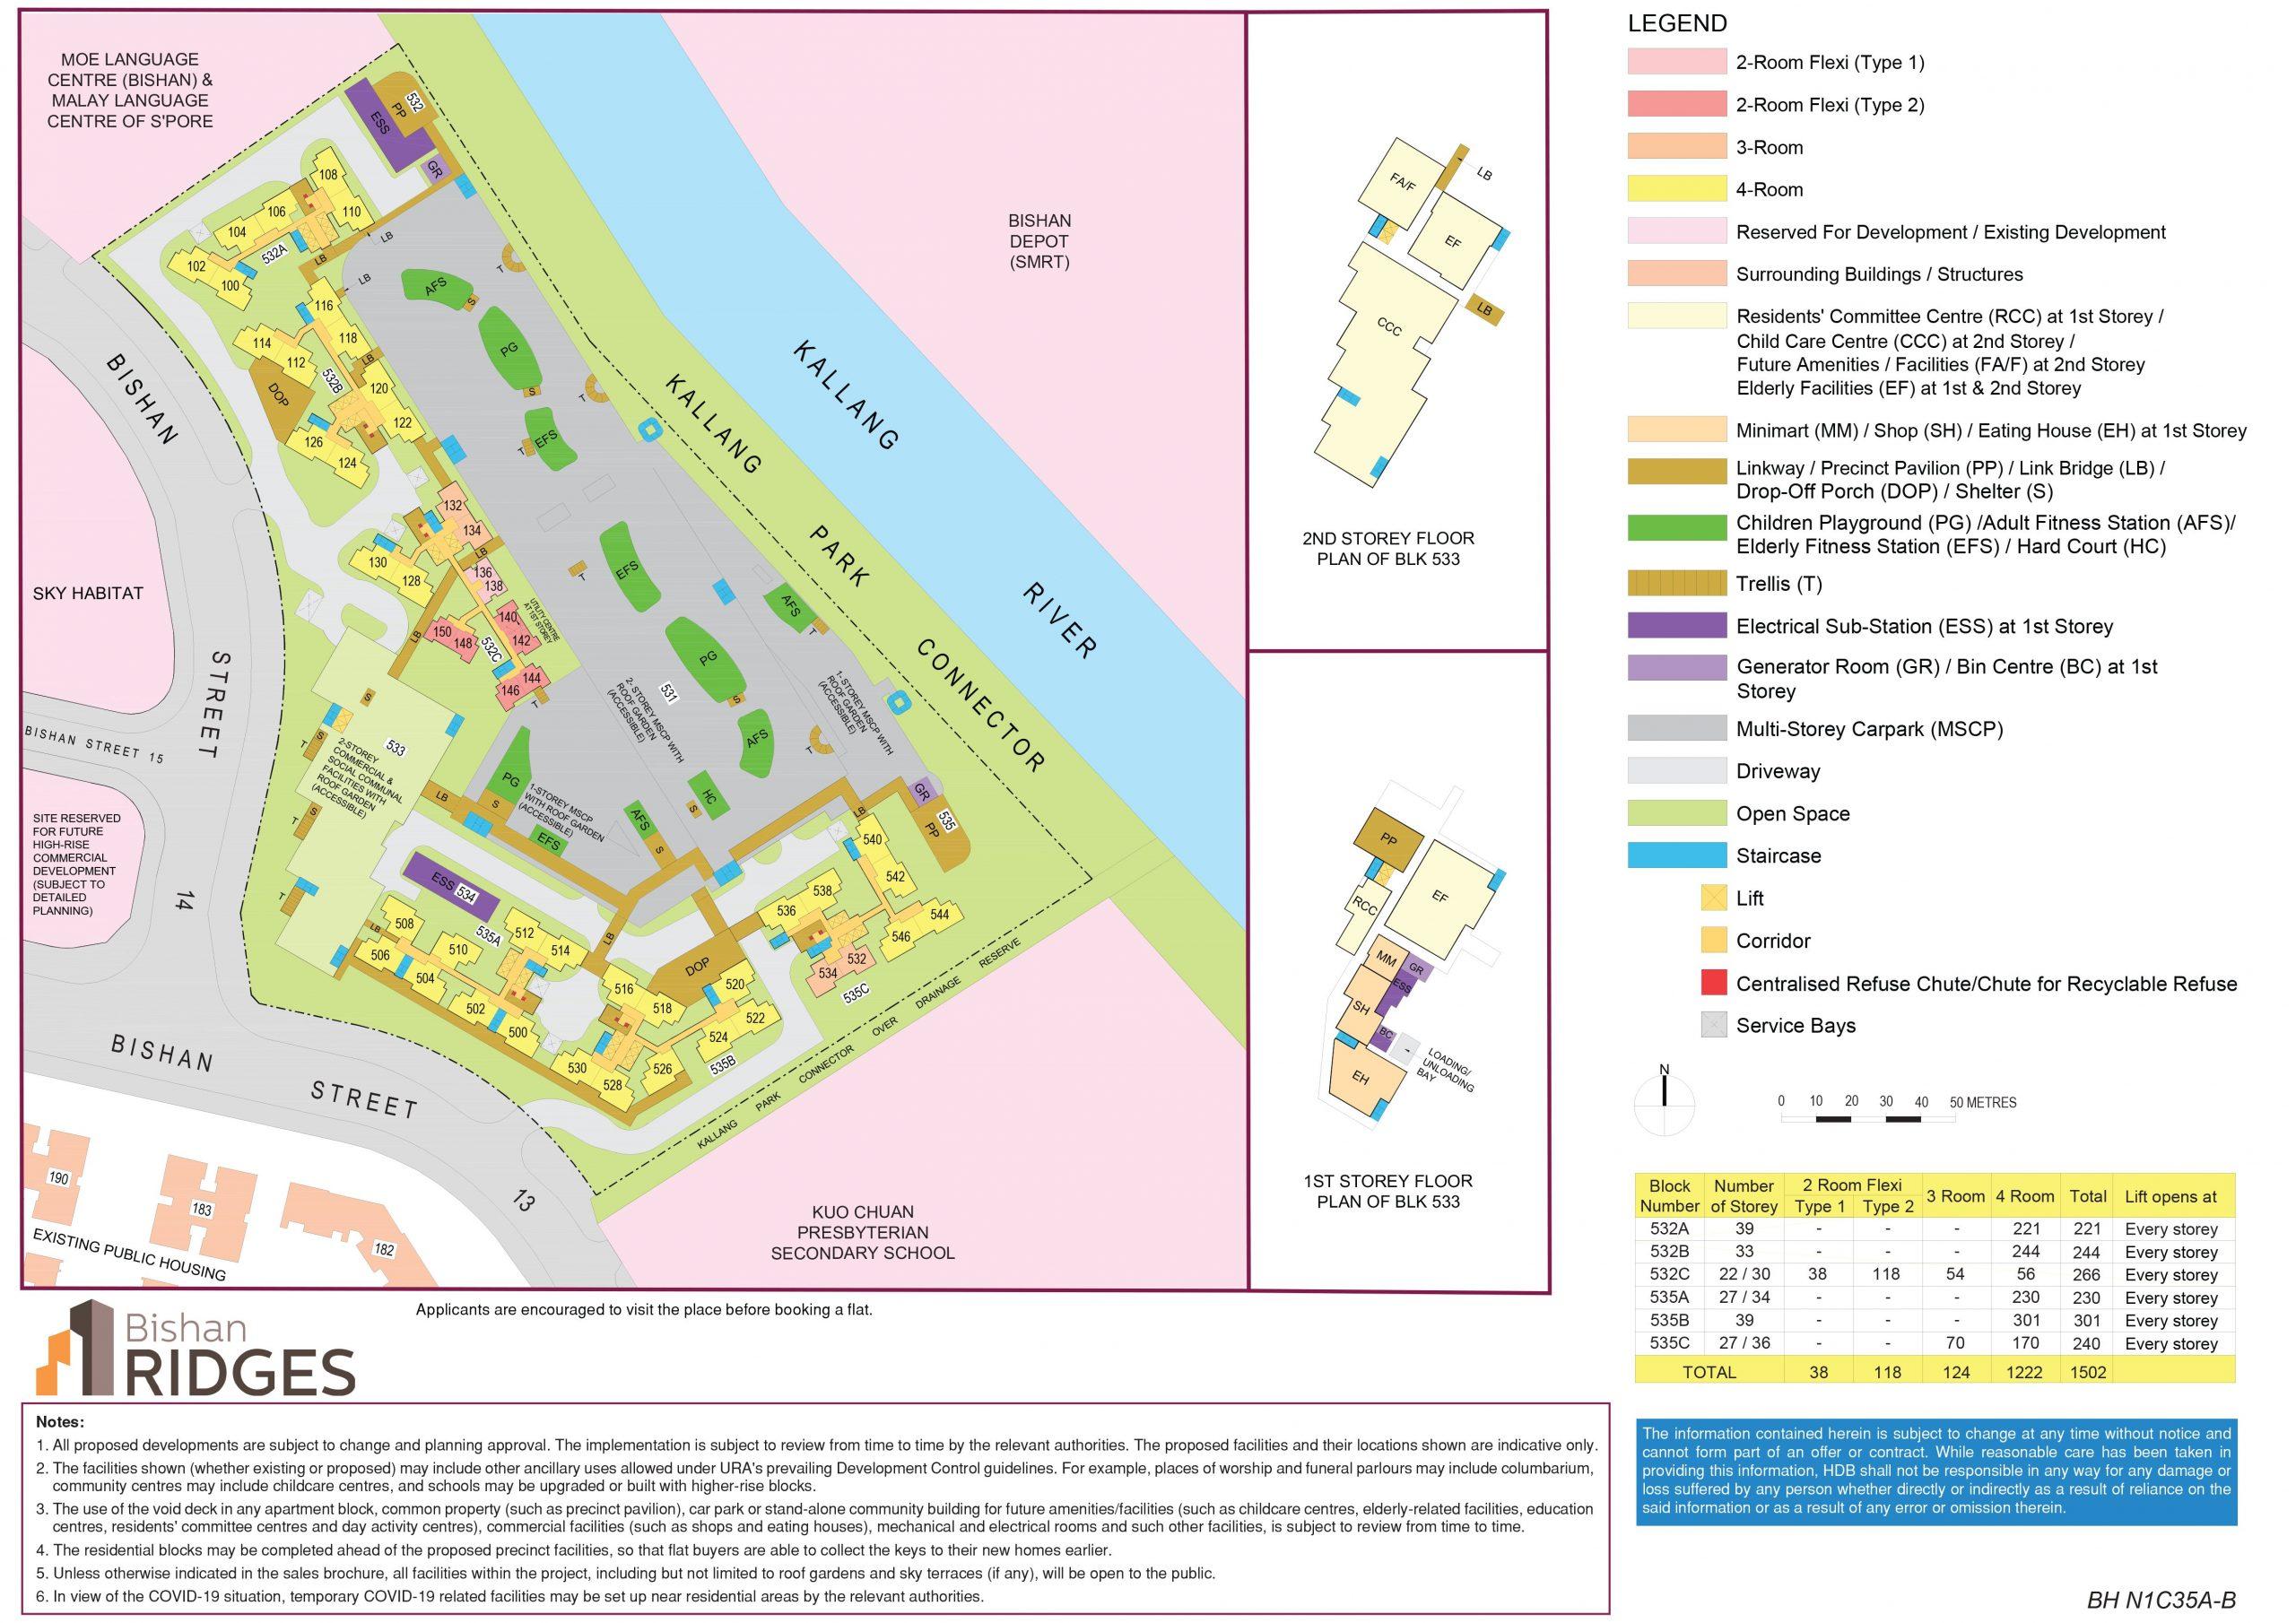 bishan ridges bto site plan